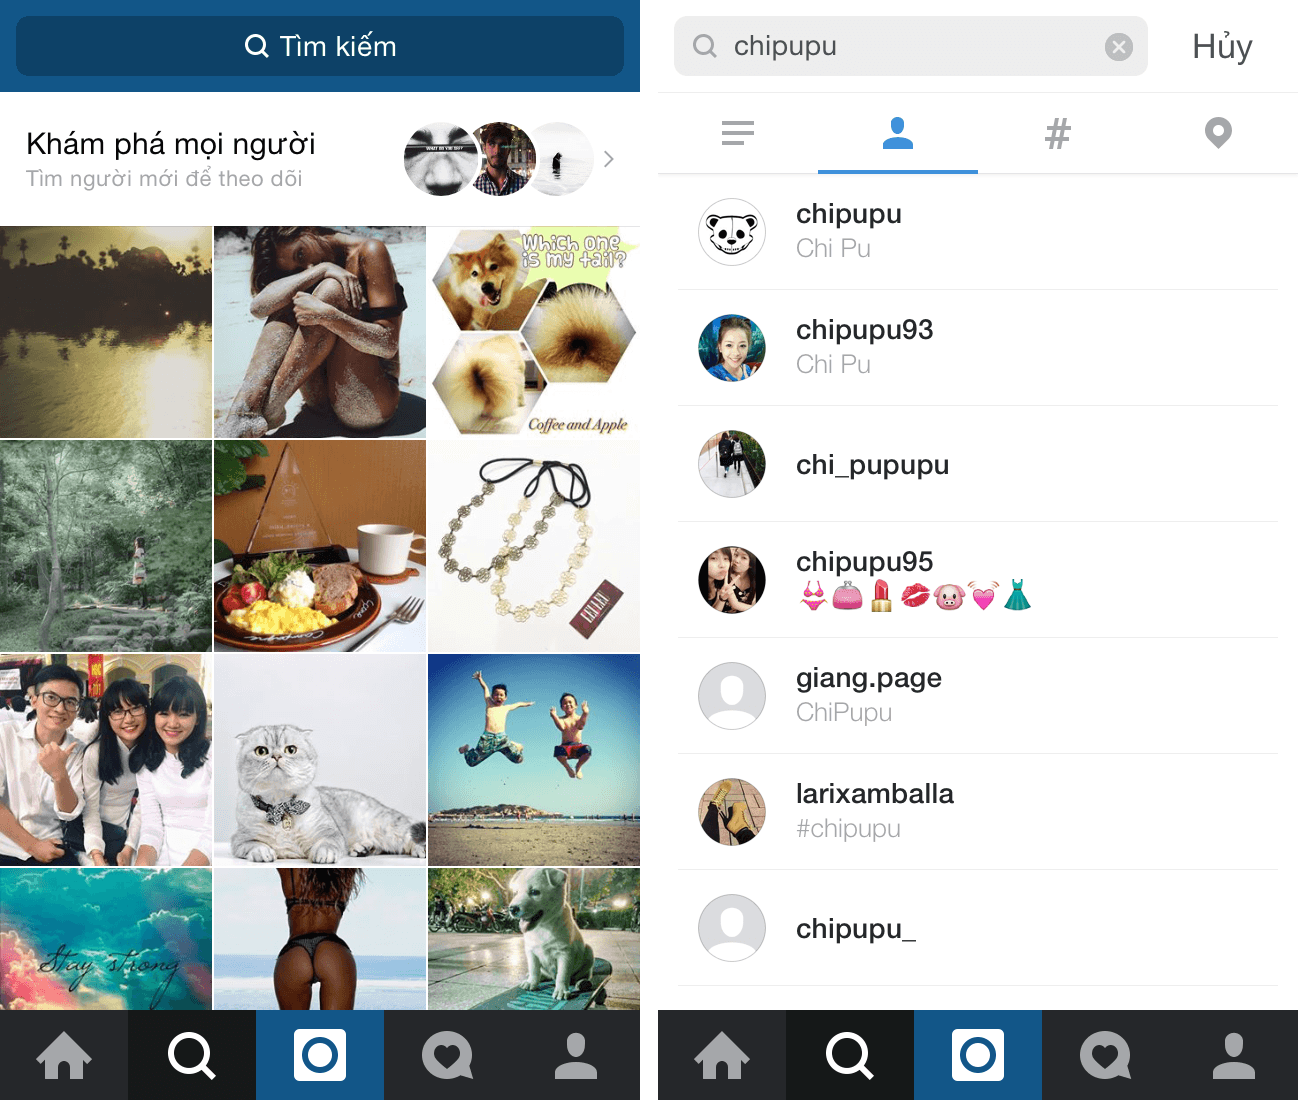 Tiếp cận khách hàng trên instagram qua nút tìm kiếm